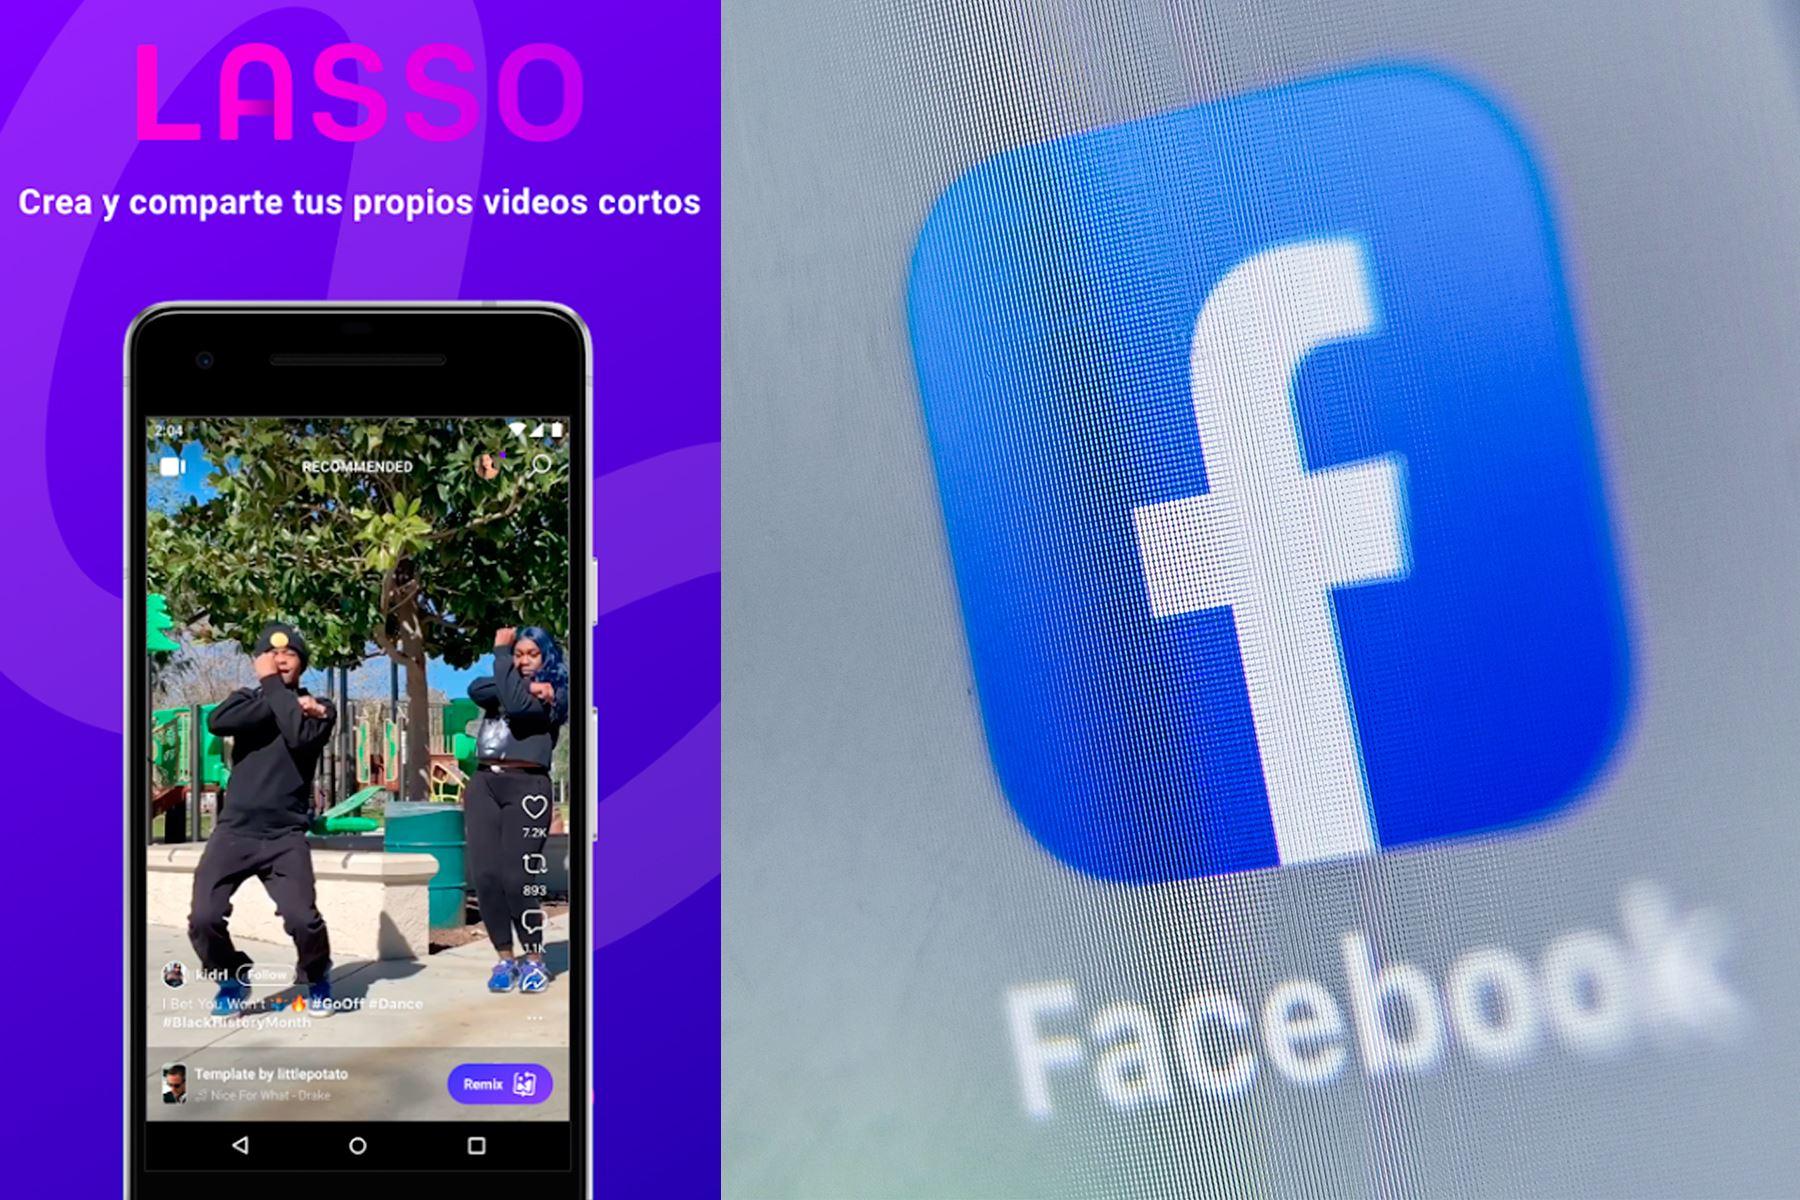 Lasso, la versión de Facebook de TikTok, ya se encuentra disponible en Android e IOs para usuarios peruanos. AFP